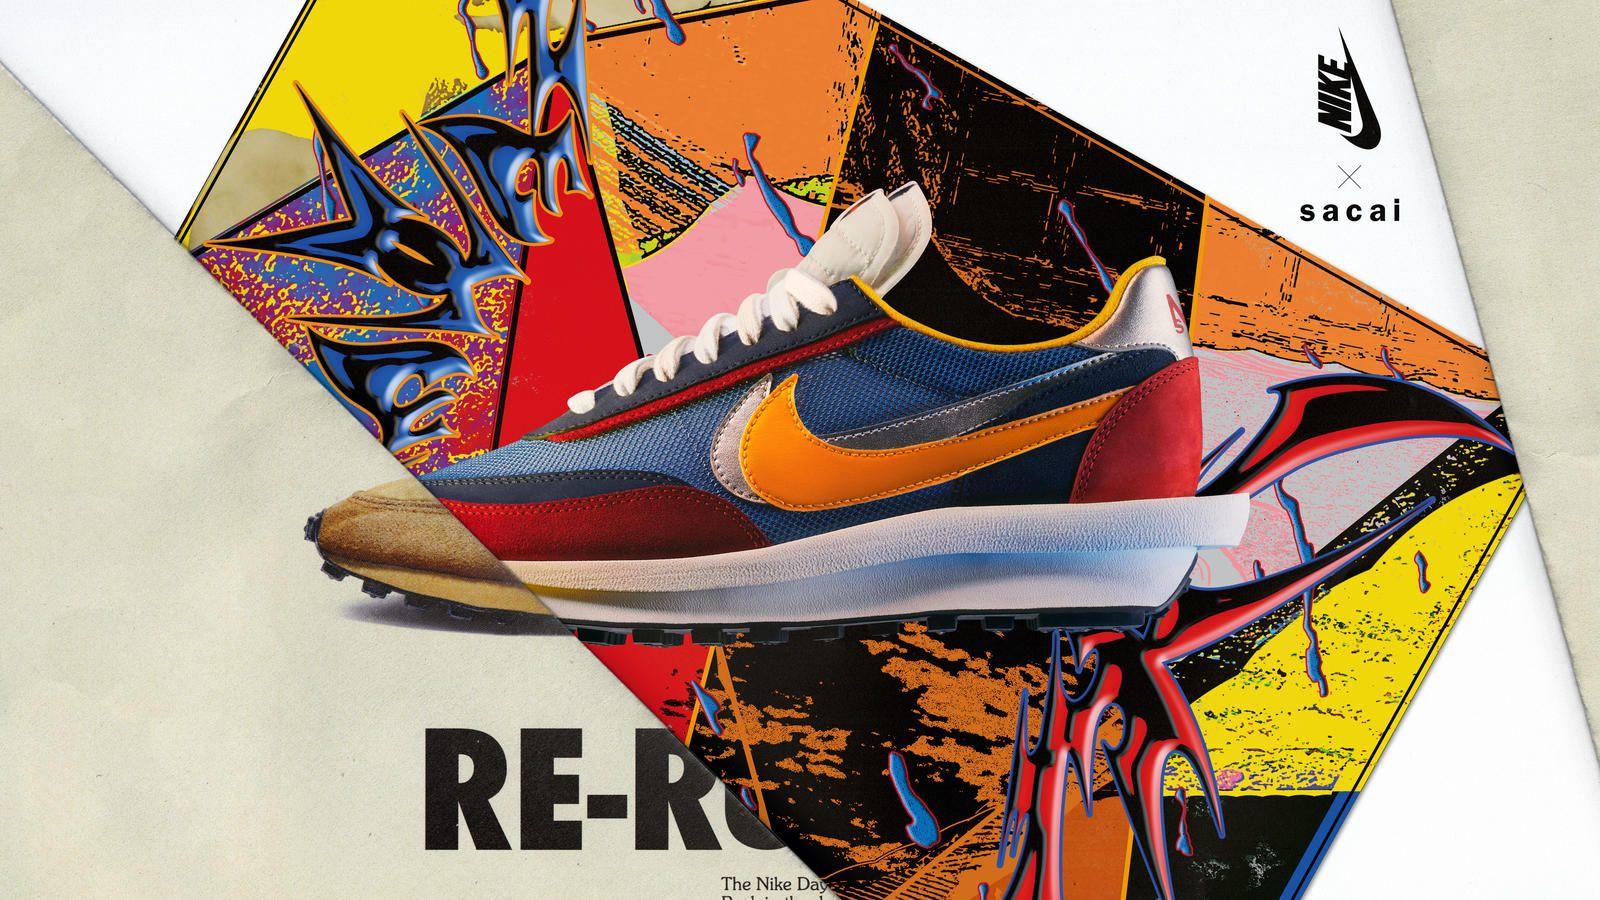 Nike x Sacai, las zapatillas más buscadas de 2019 ya tienen fecha de venta